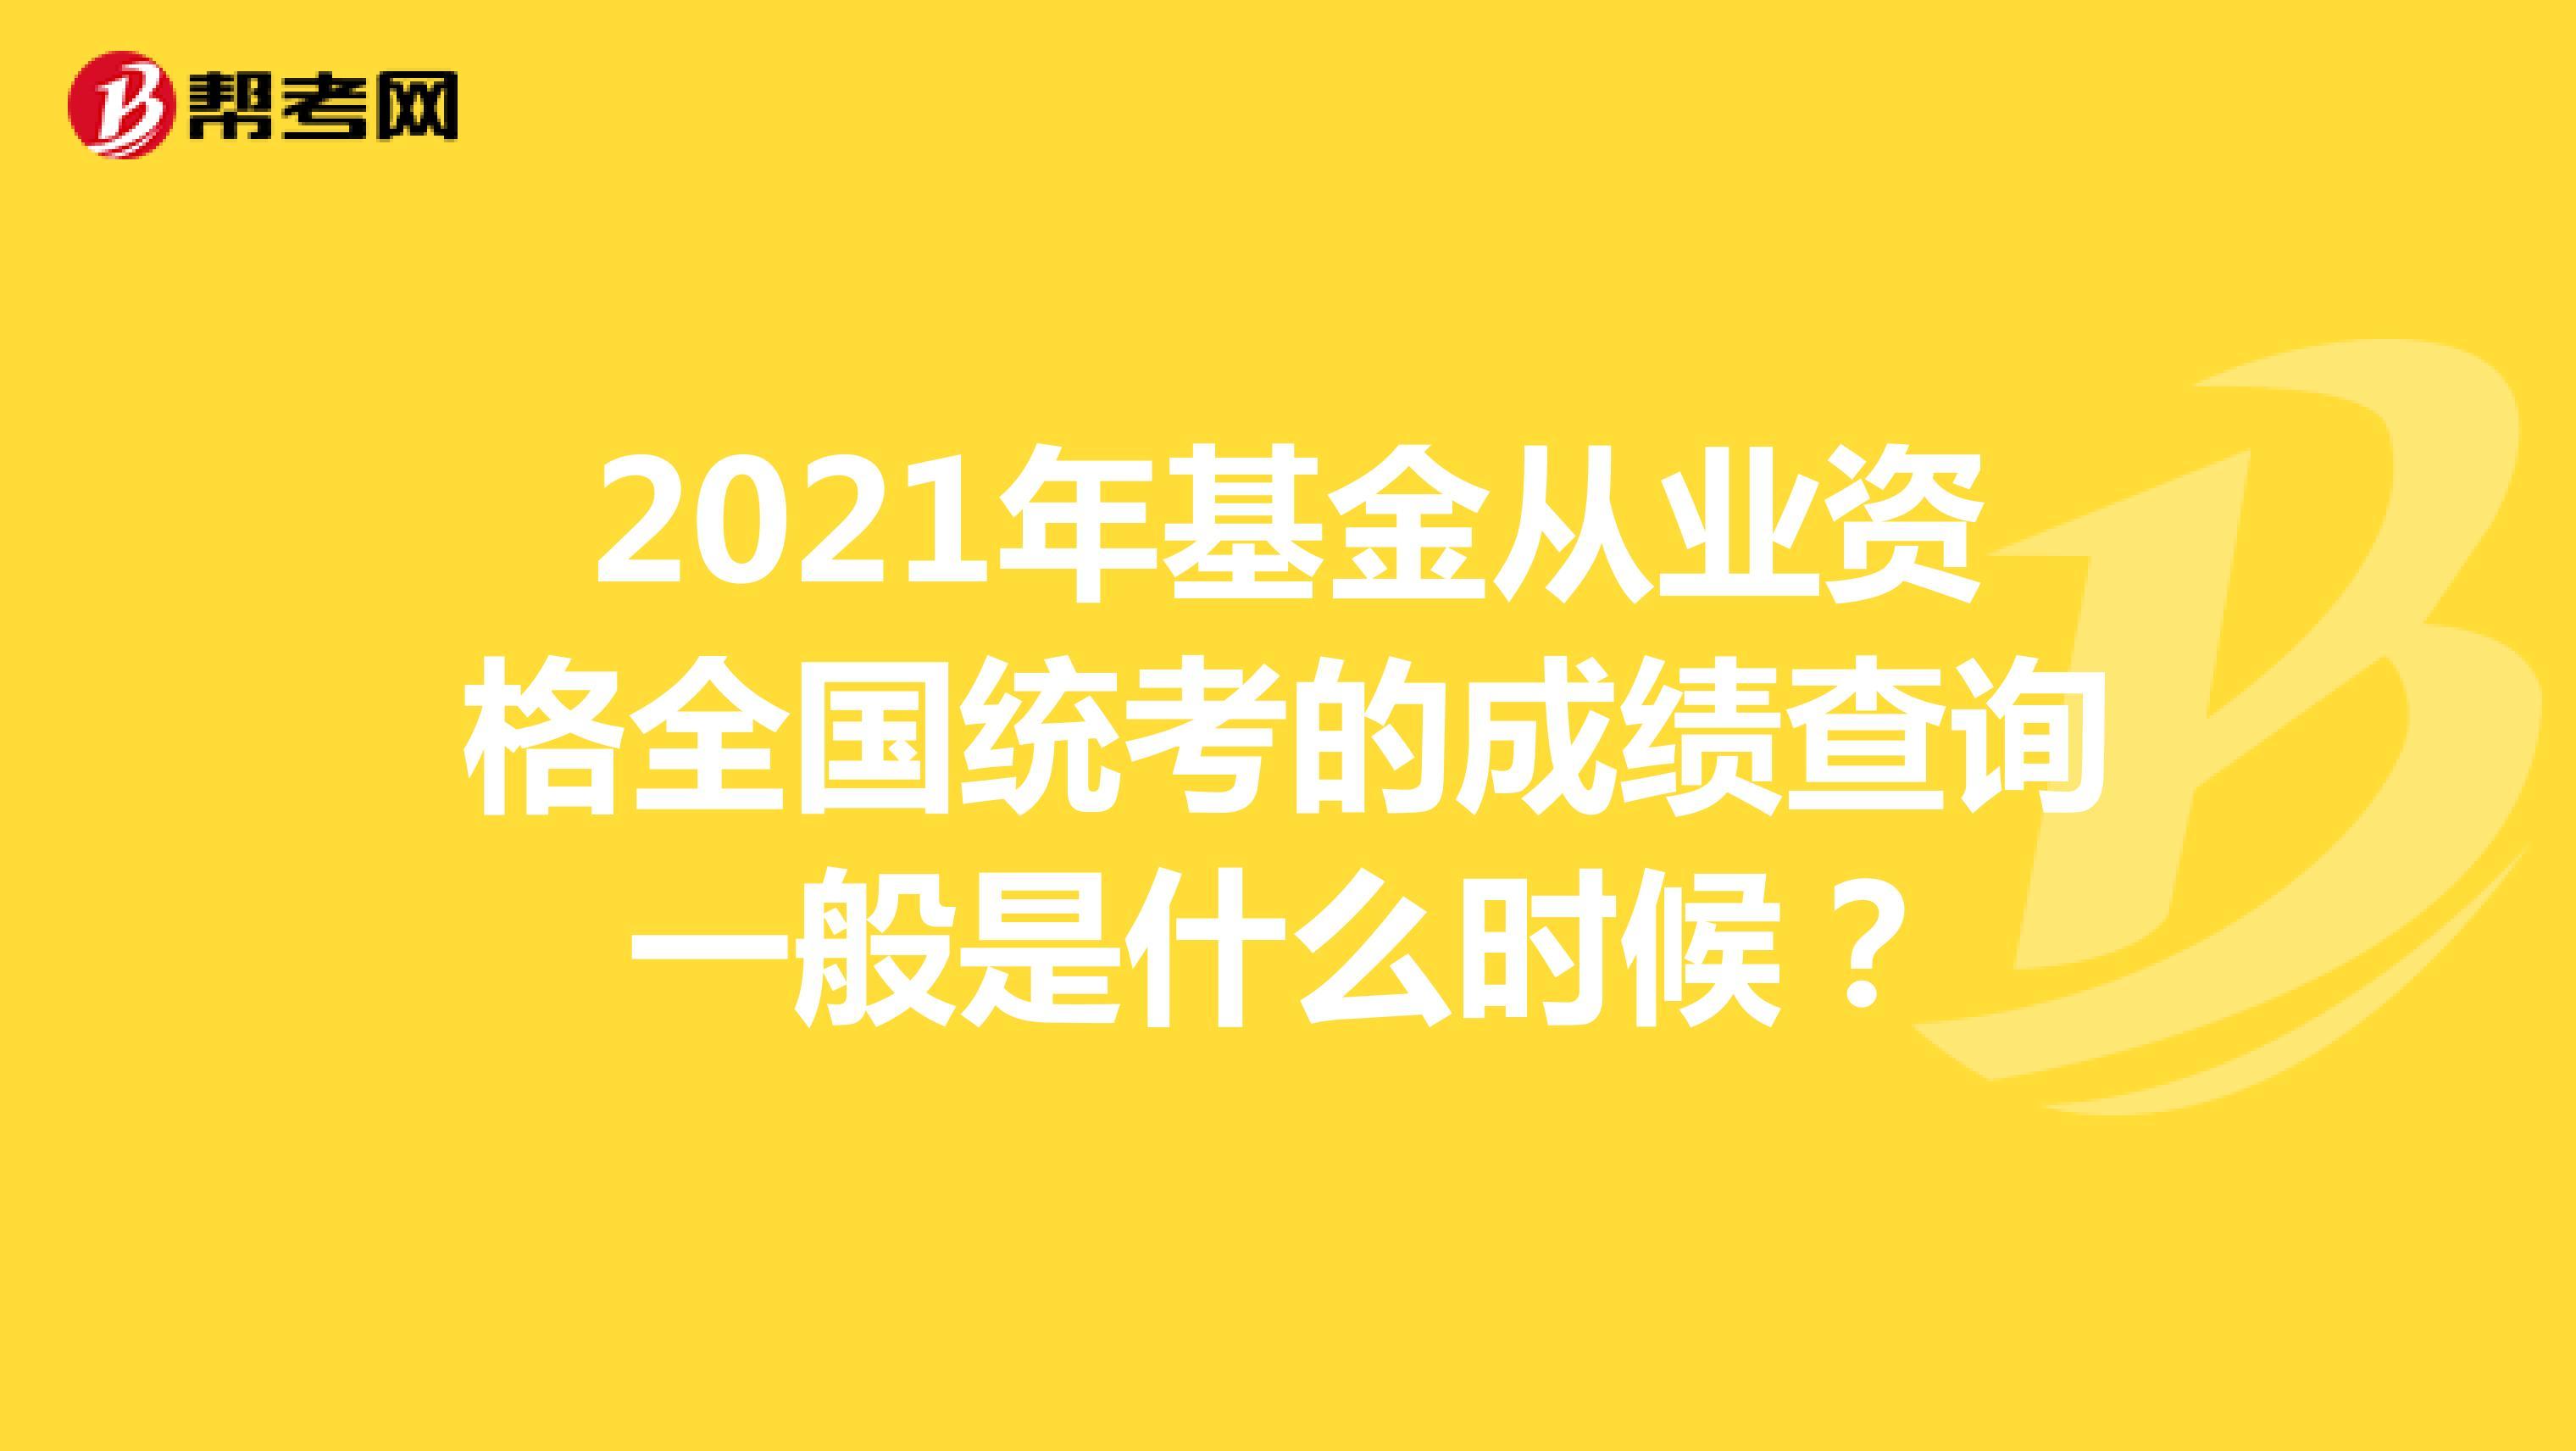 2021年基金从业资格全国统考的成绩查询一般是什么时候?